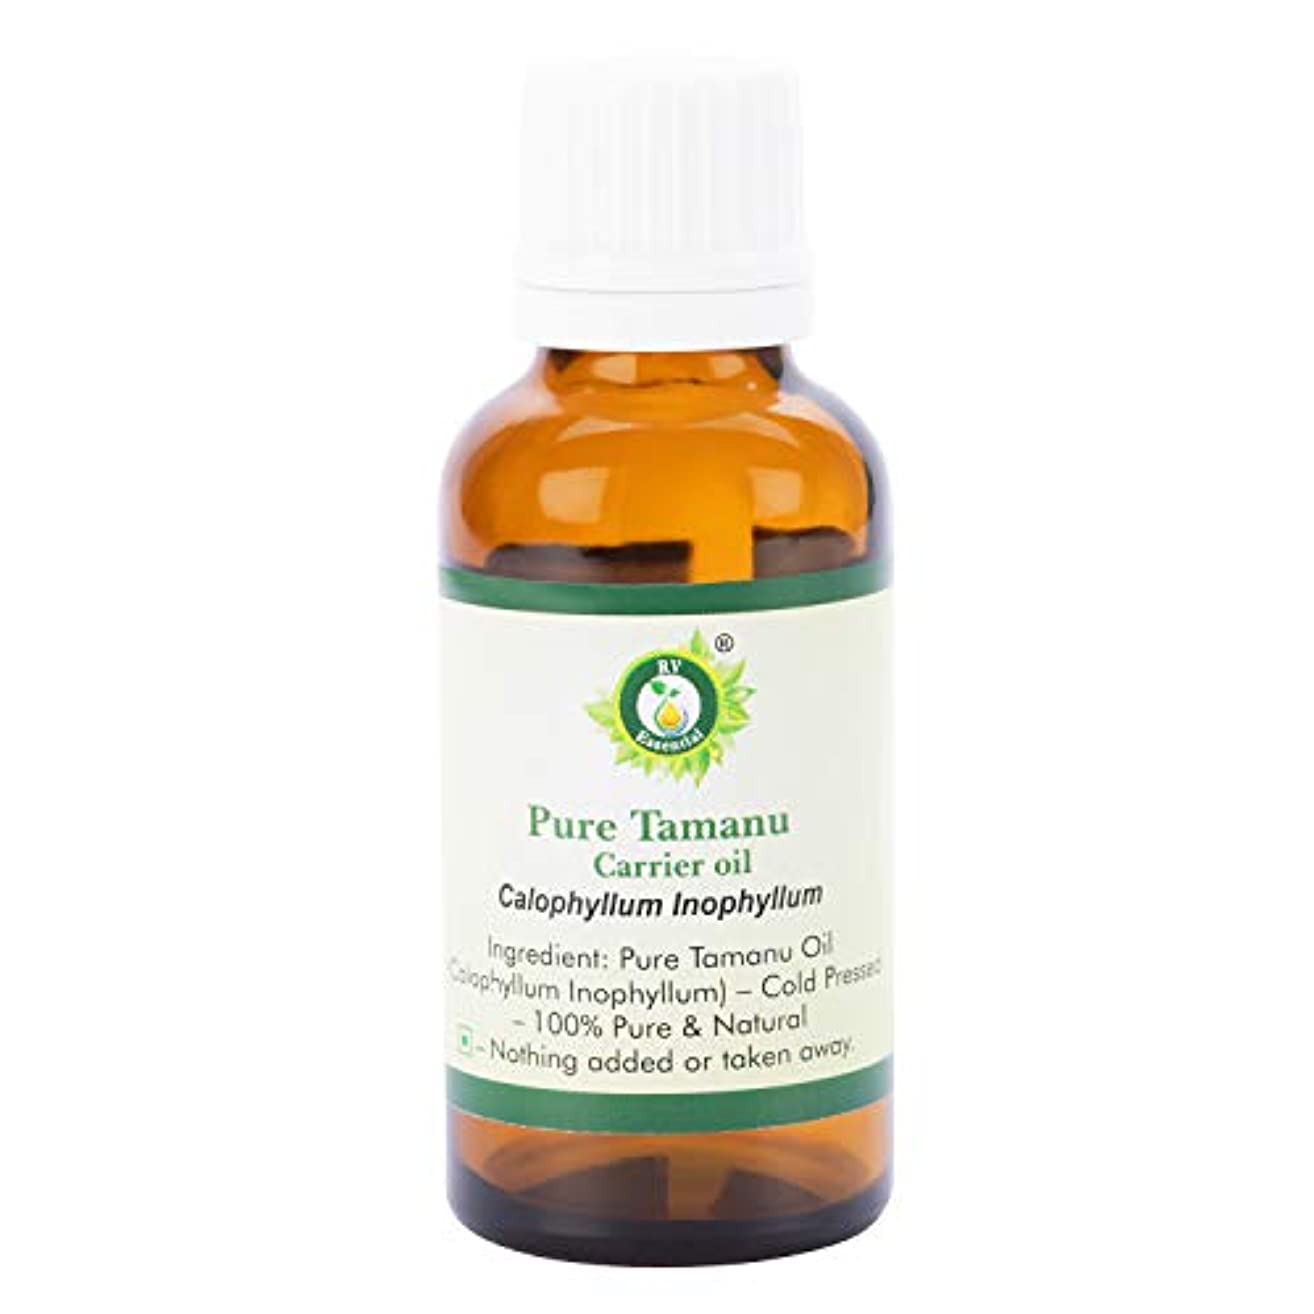 狭いロデオ介入するピュアTamanuキャリアオイル30ml (1.01oz)- Calophyllum Inophyllum (100%ピュア&ナチュラルコールドPressed) Pure Tamanu Carrier Oil